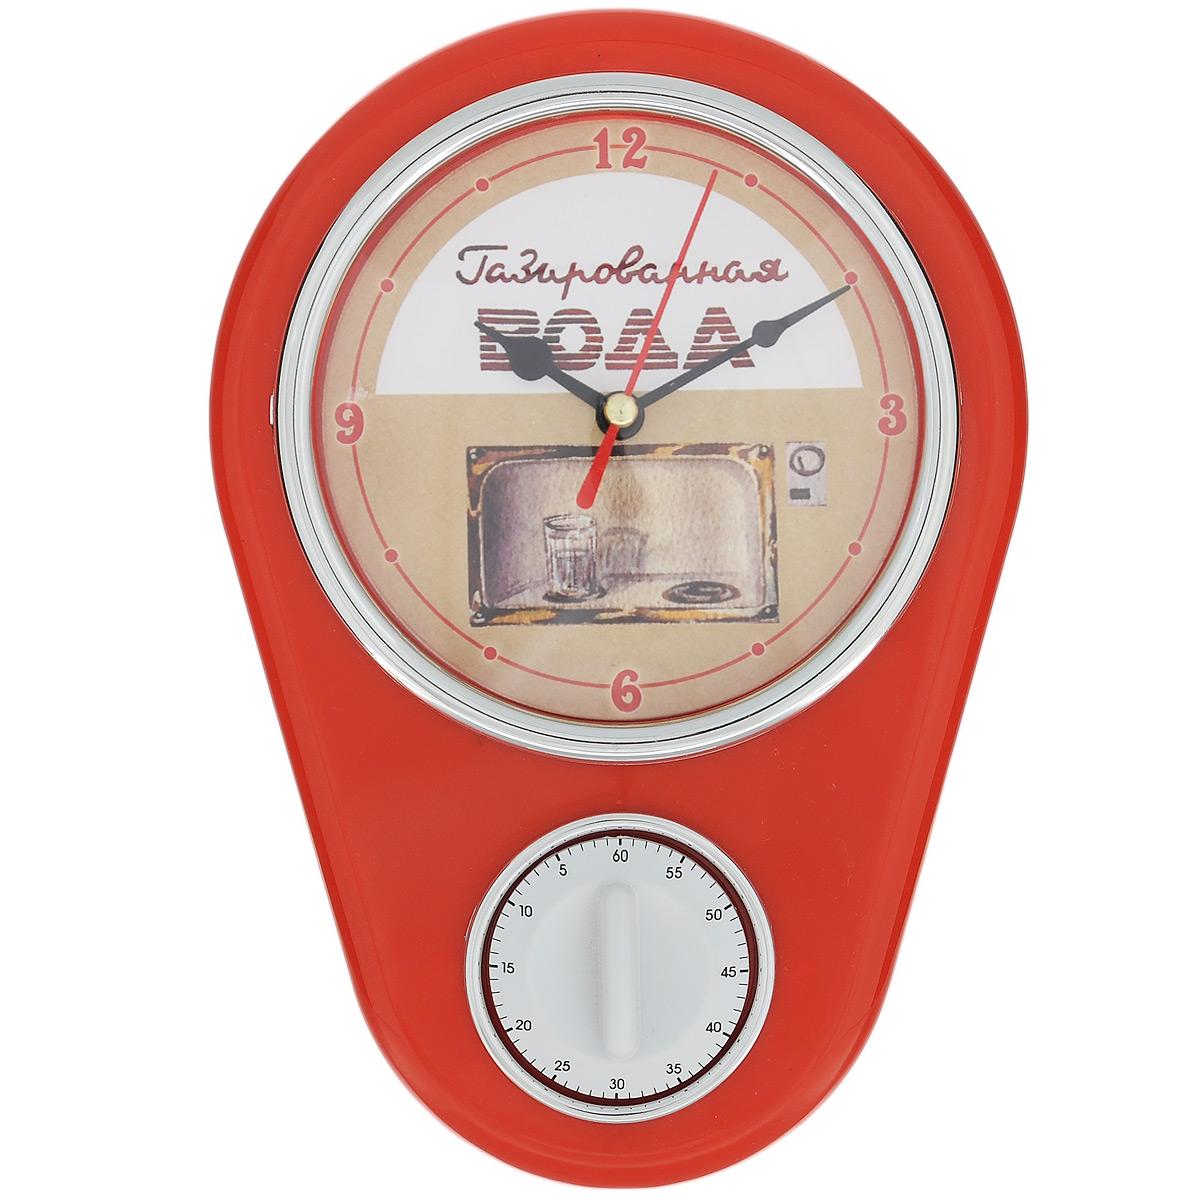 Часы кухонные Газированная вода с таймером, настенные, цвет: красный декоративная шкатулка газированная вода 17 см х 11 см х 5 см